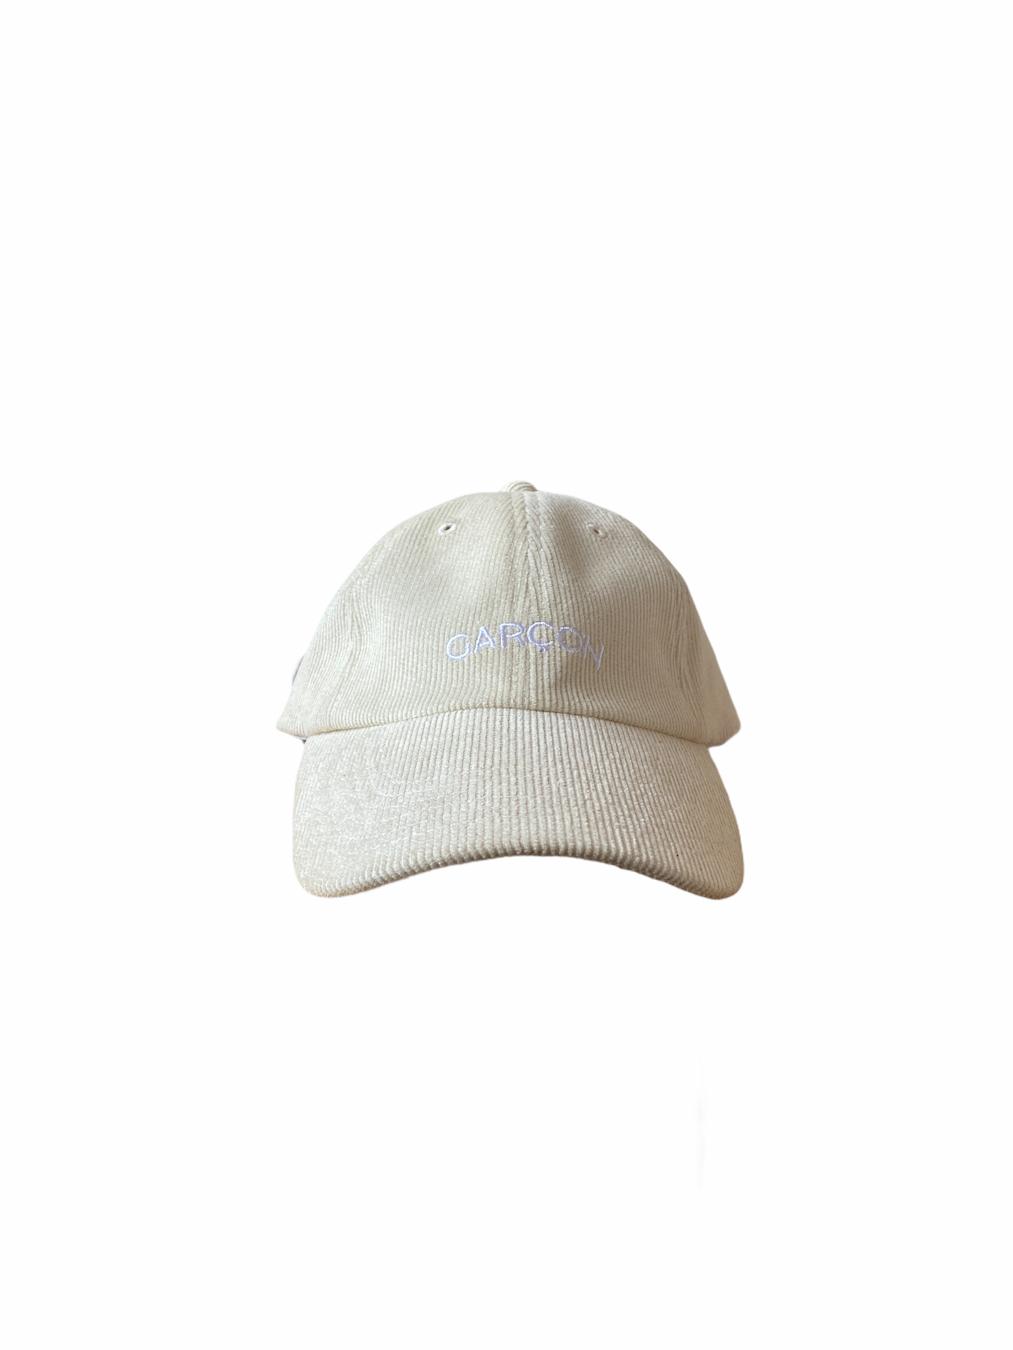 Garcon Cap (Cream)